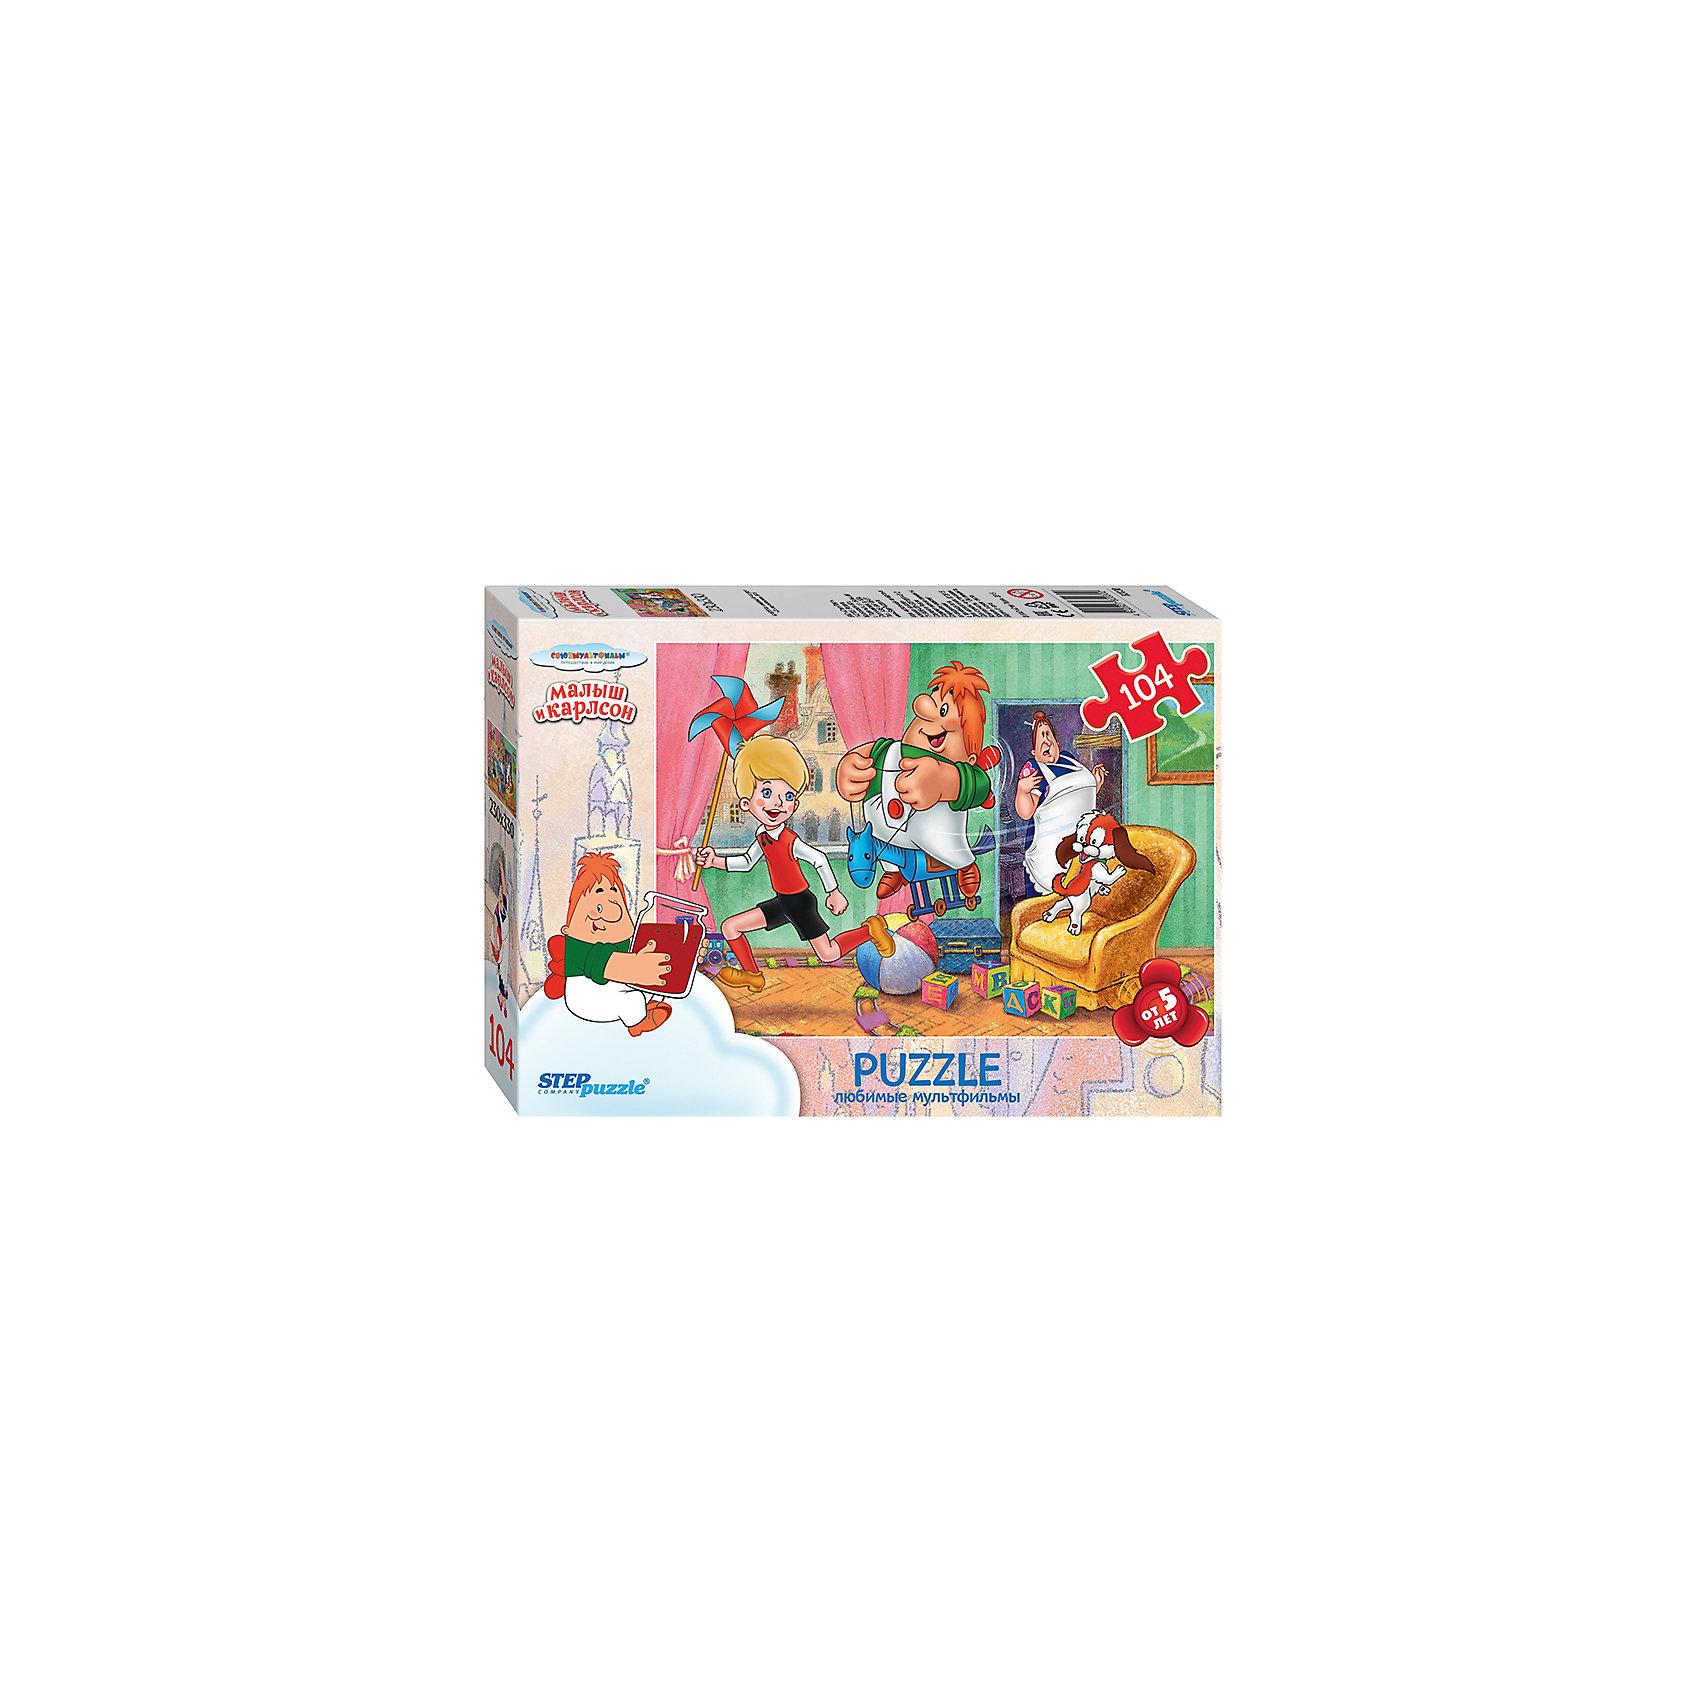 Пазл Малыш и Карлсон, 104 детали, Step PuzzleПазлы для детей постарше<br>Пазл Малыш и Карлсон, 104 детали, Step Puzzle (Степ Пазл) – это замечательный красочный пазл с изображением любимых героев.<br>Пазлы «Союзмультфильм» от Step Puzzle (Степ Пазл) – напомнят о любимых сказочных героях знакомых с детства мультфильмов. Подарите ребенку чудесный пазл Малыш и Карлсон, и он будет увлеченно подбирать детали, пока не составит яркую и интересную картинку, на которой Малыш и Карлсон расшалились и не замечают, что за ними наблюдает Фрекен Бок. Сборка пазла Малыш и Карлсон от Step Puzzle (Степ Пазл) подарит Вашему ребенку не только множество увлекательных вечеров, но и принесет пользу для развития. Координация, моторика, внимательность легко тренируются, пока ребенок увлеченно подбирает детали. Качественные фрагменты пазла отлично проклеены и идеально подходят один к другому, поэтому сборка пазла обеспечит малышу только положительные эмоции. Вы будете использовать этот пазл не один год, ведь благодаря качественной нарезке детали не расслаиваются даже после многократного использования.<br><br>Дополнительная информация:<br><br>- Количество деталей: 104<br>- Материал: картон<br>- Размер собранной картинки: 33х23 см.<br>- Отличная проклейка<br>- Долгий срок службы<br>- Детали идеально подходят друг другу<br>- Яркий сюжет<br>- Упаковка: картонная коробка<br>- Размер упаковки: 195x35x140 мм.<br>- Вес: 400 гр.<br><br>Пазл Малыш и Карлсон, 104 детали, Step Puzzle (Степ Пазл) можно купить в нашем интернет-магазине.<br><br>Ширина мм: 195<br>Глубина мм: 35<br>Высота мм: 140<br>Вес г: 400<br>Возраст от месяцев: 60<br>Возраст до месяцев: 144<br>Пол: Унисекс<br>Возраст: Детский<br>Количество деталей: 104<br>SKU: 4588271